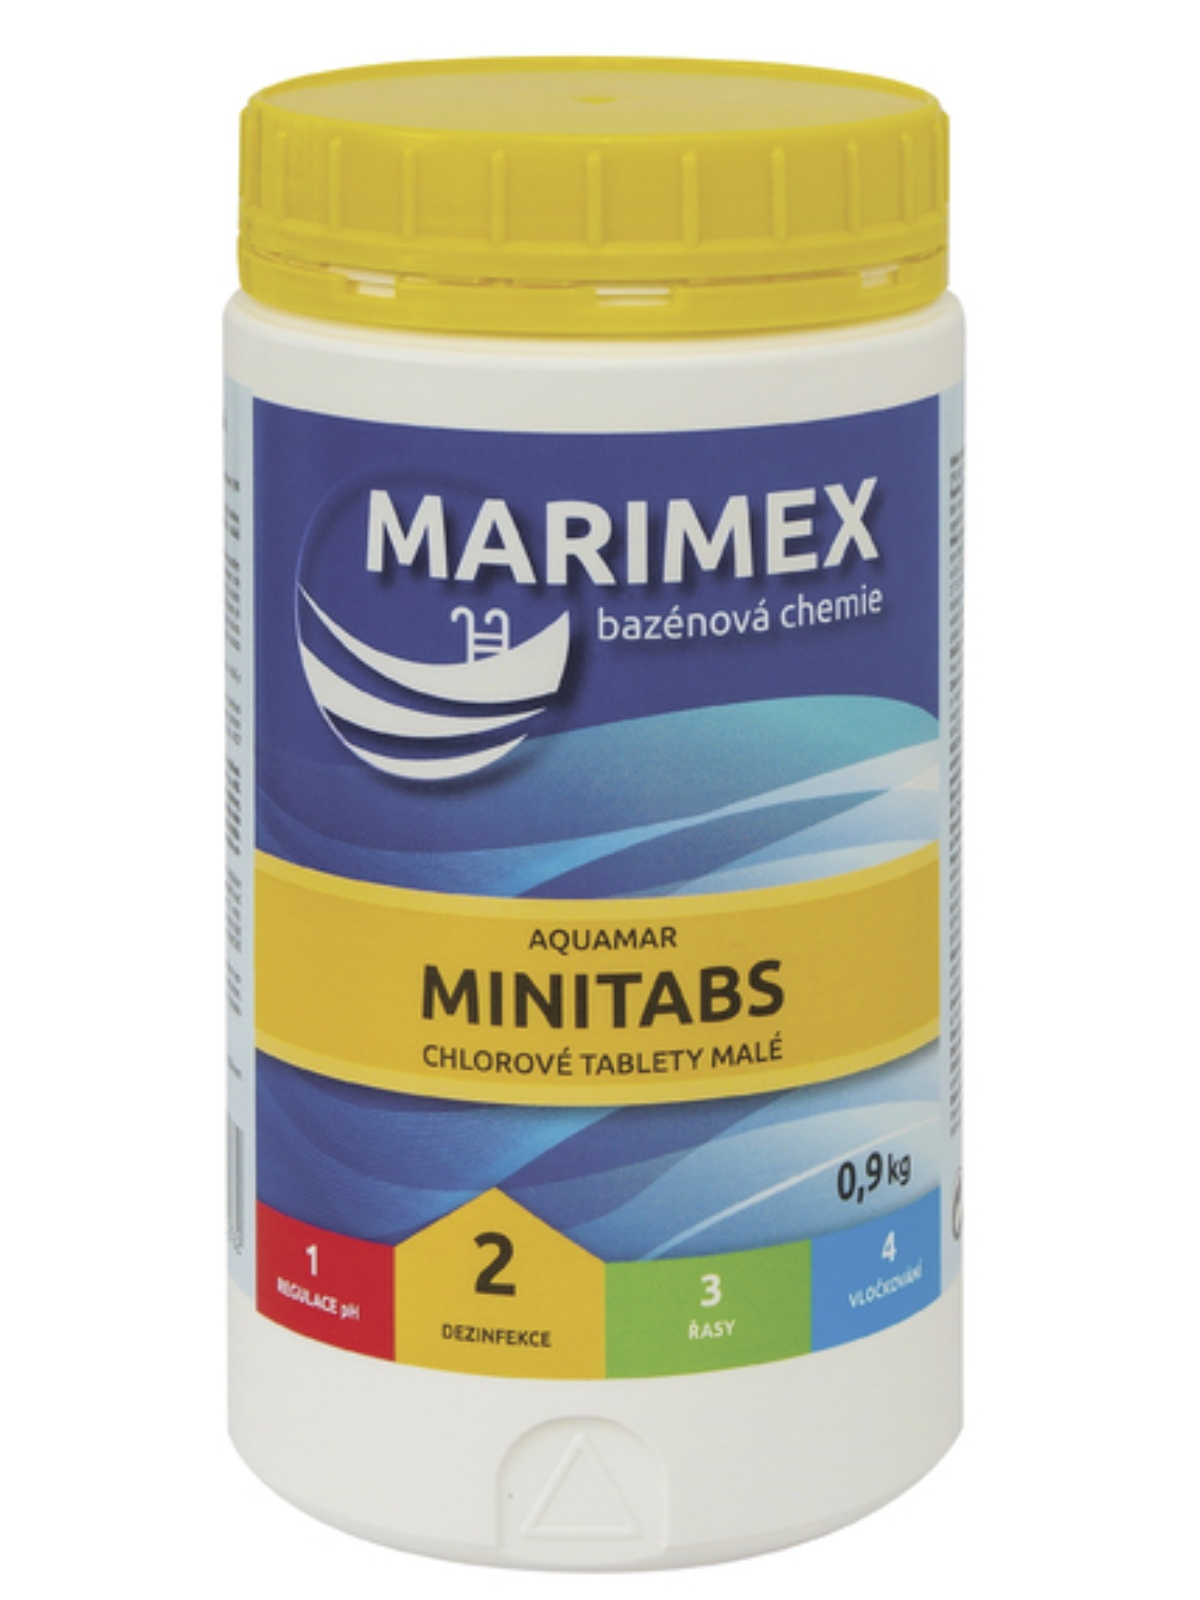 MARIMEX 11301103 Aquamar Minitabs 900 g